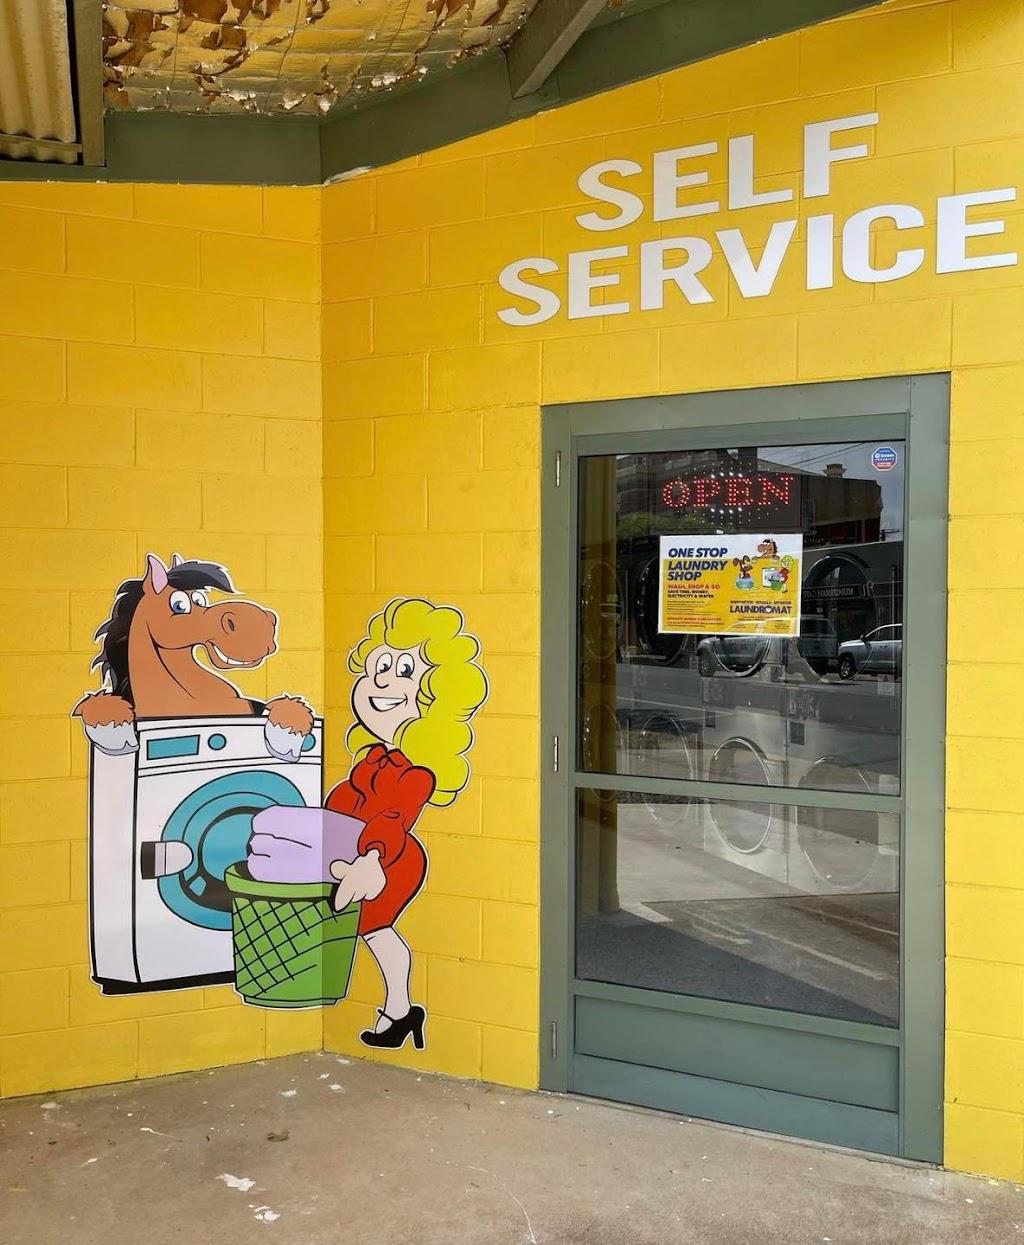 Numurkah 5Star Laundromat | laundry | 111 Melville St, Numurkah VIC 3636, Australia | 0427314310 OR +61 427 314 310